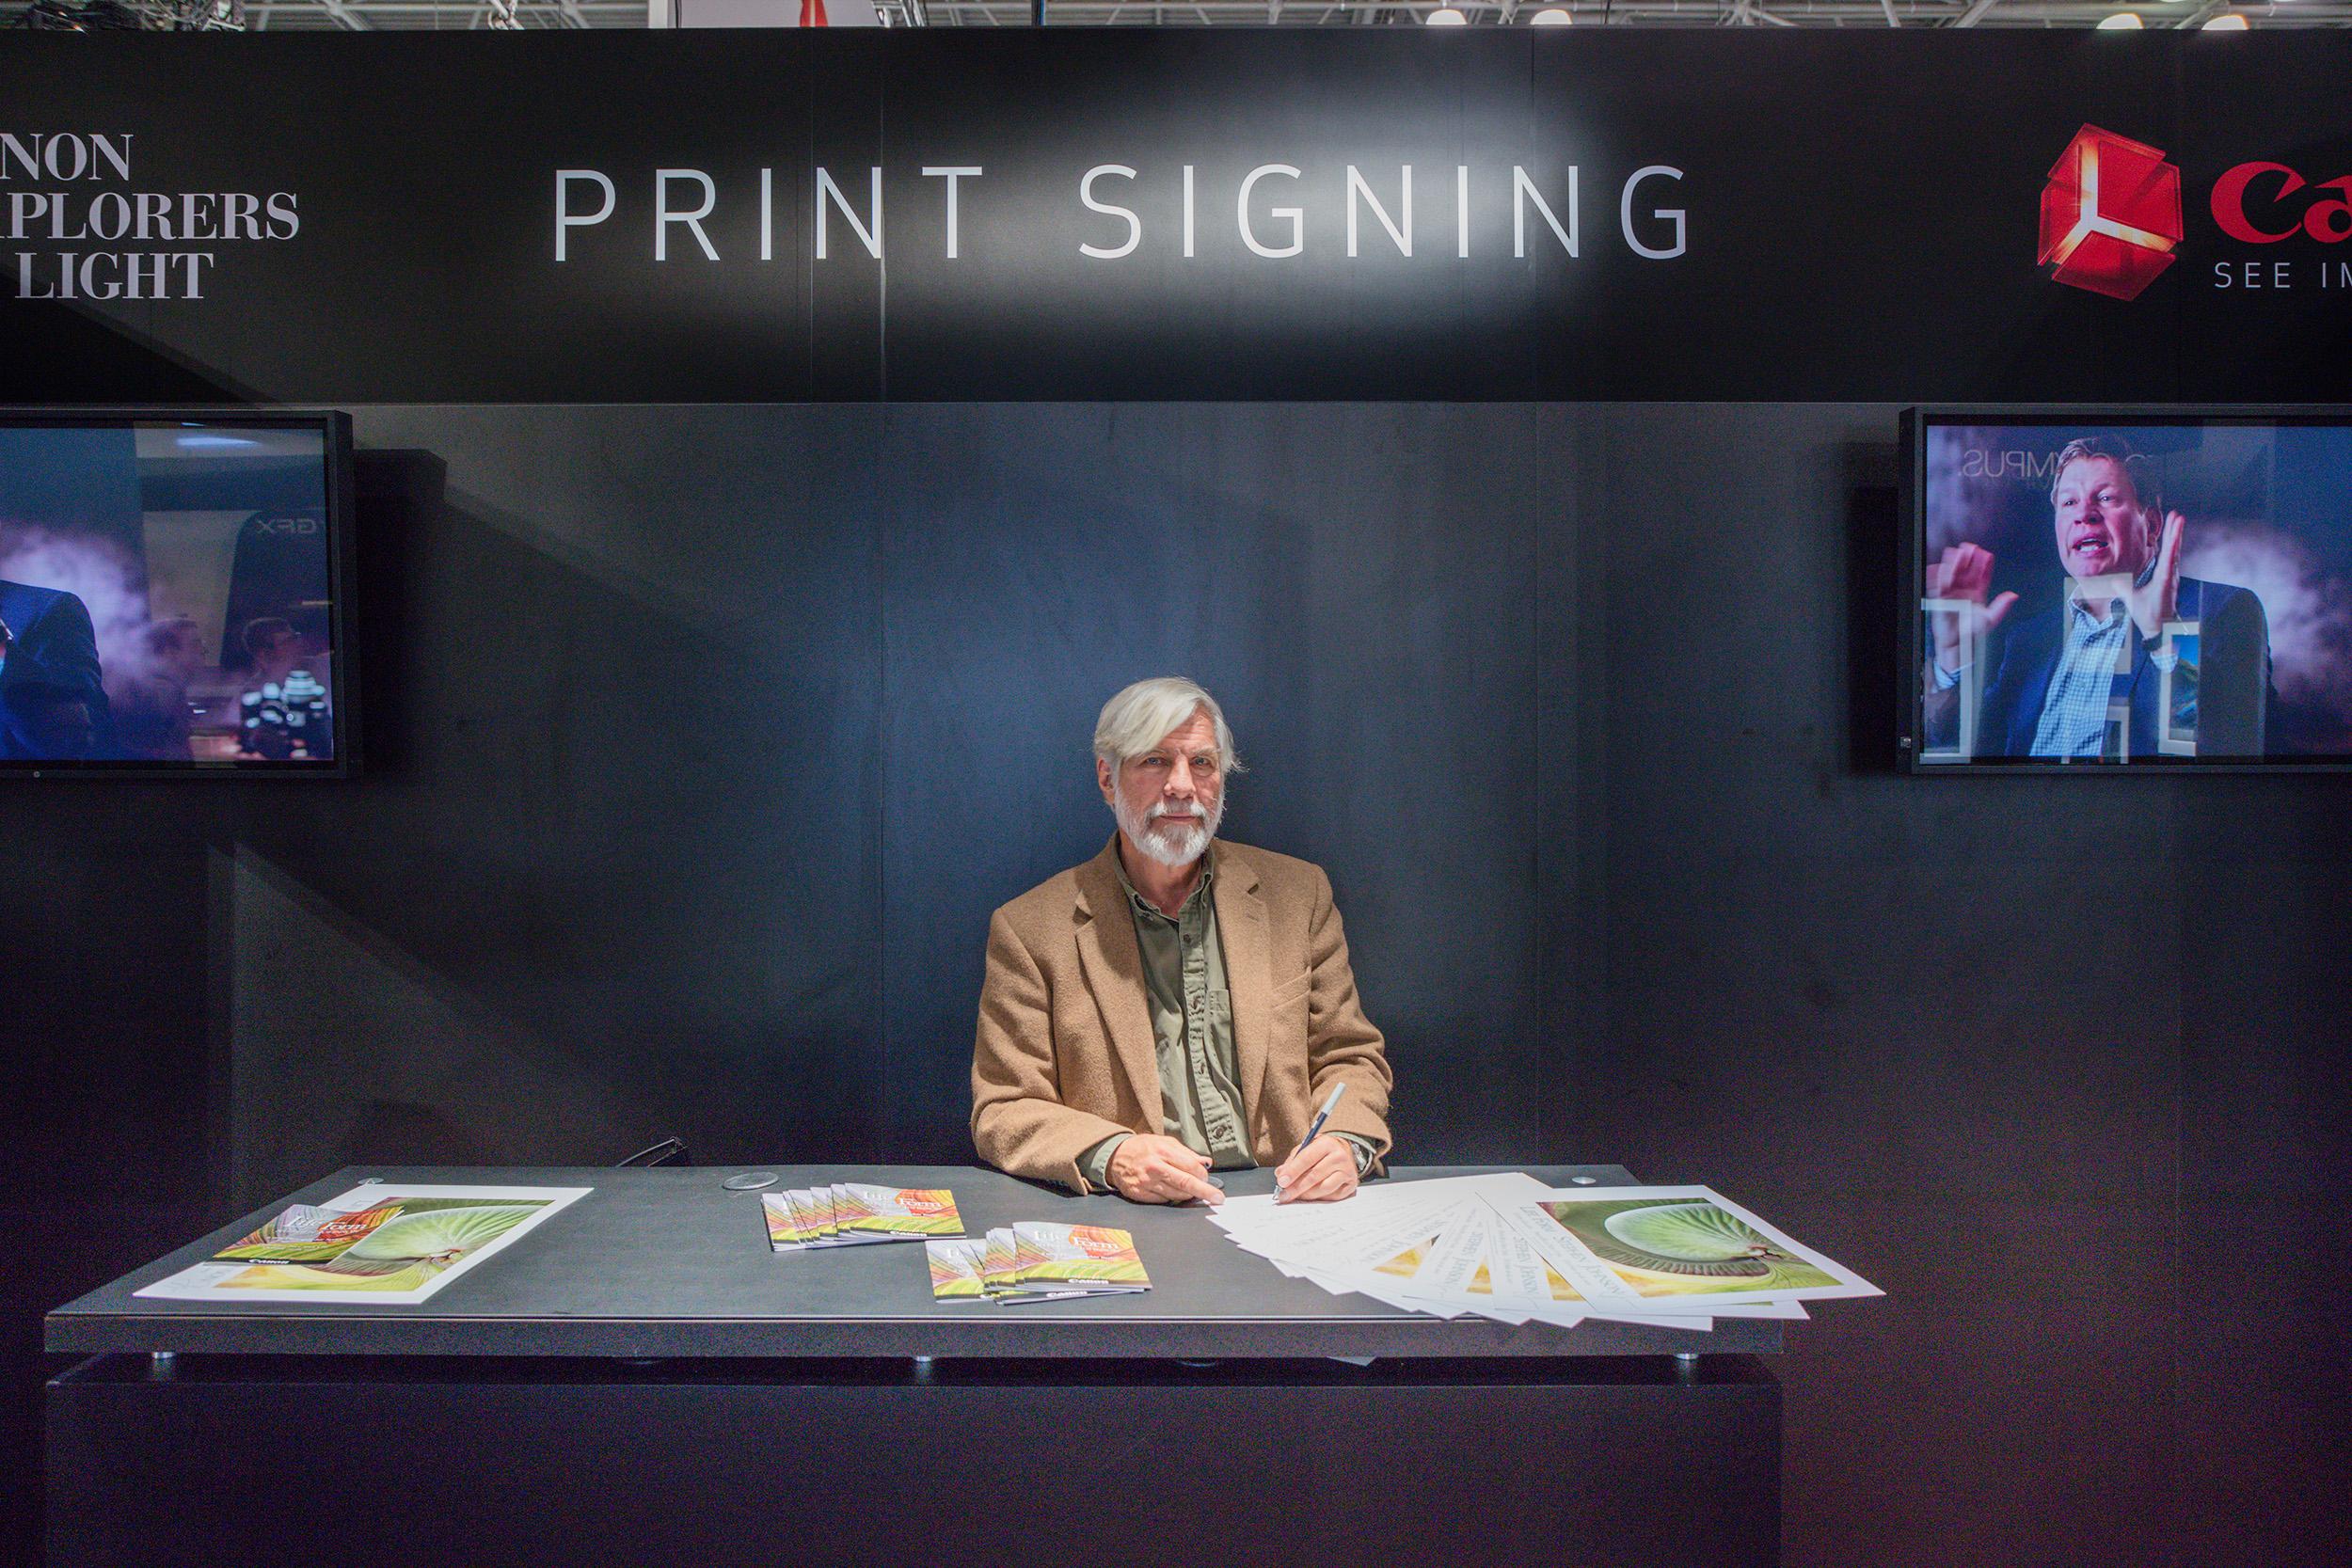 print signing